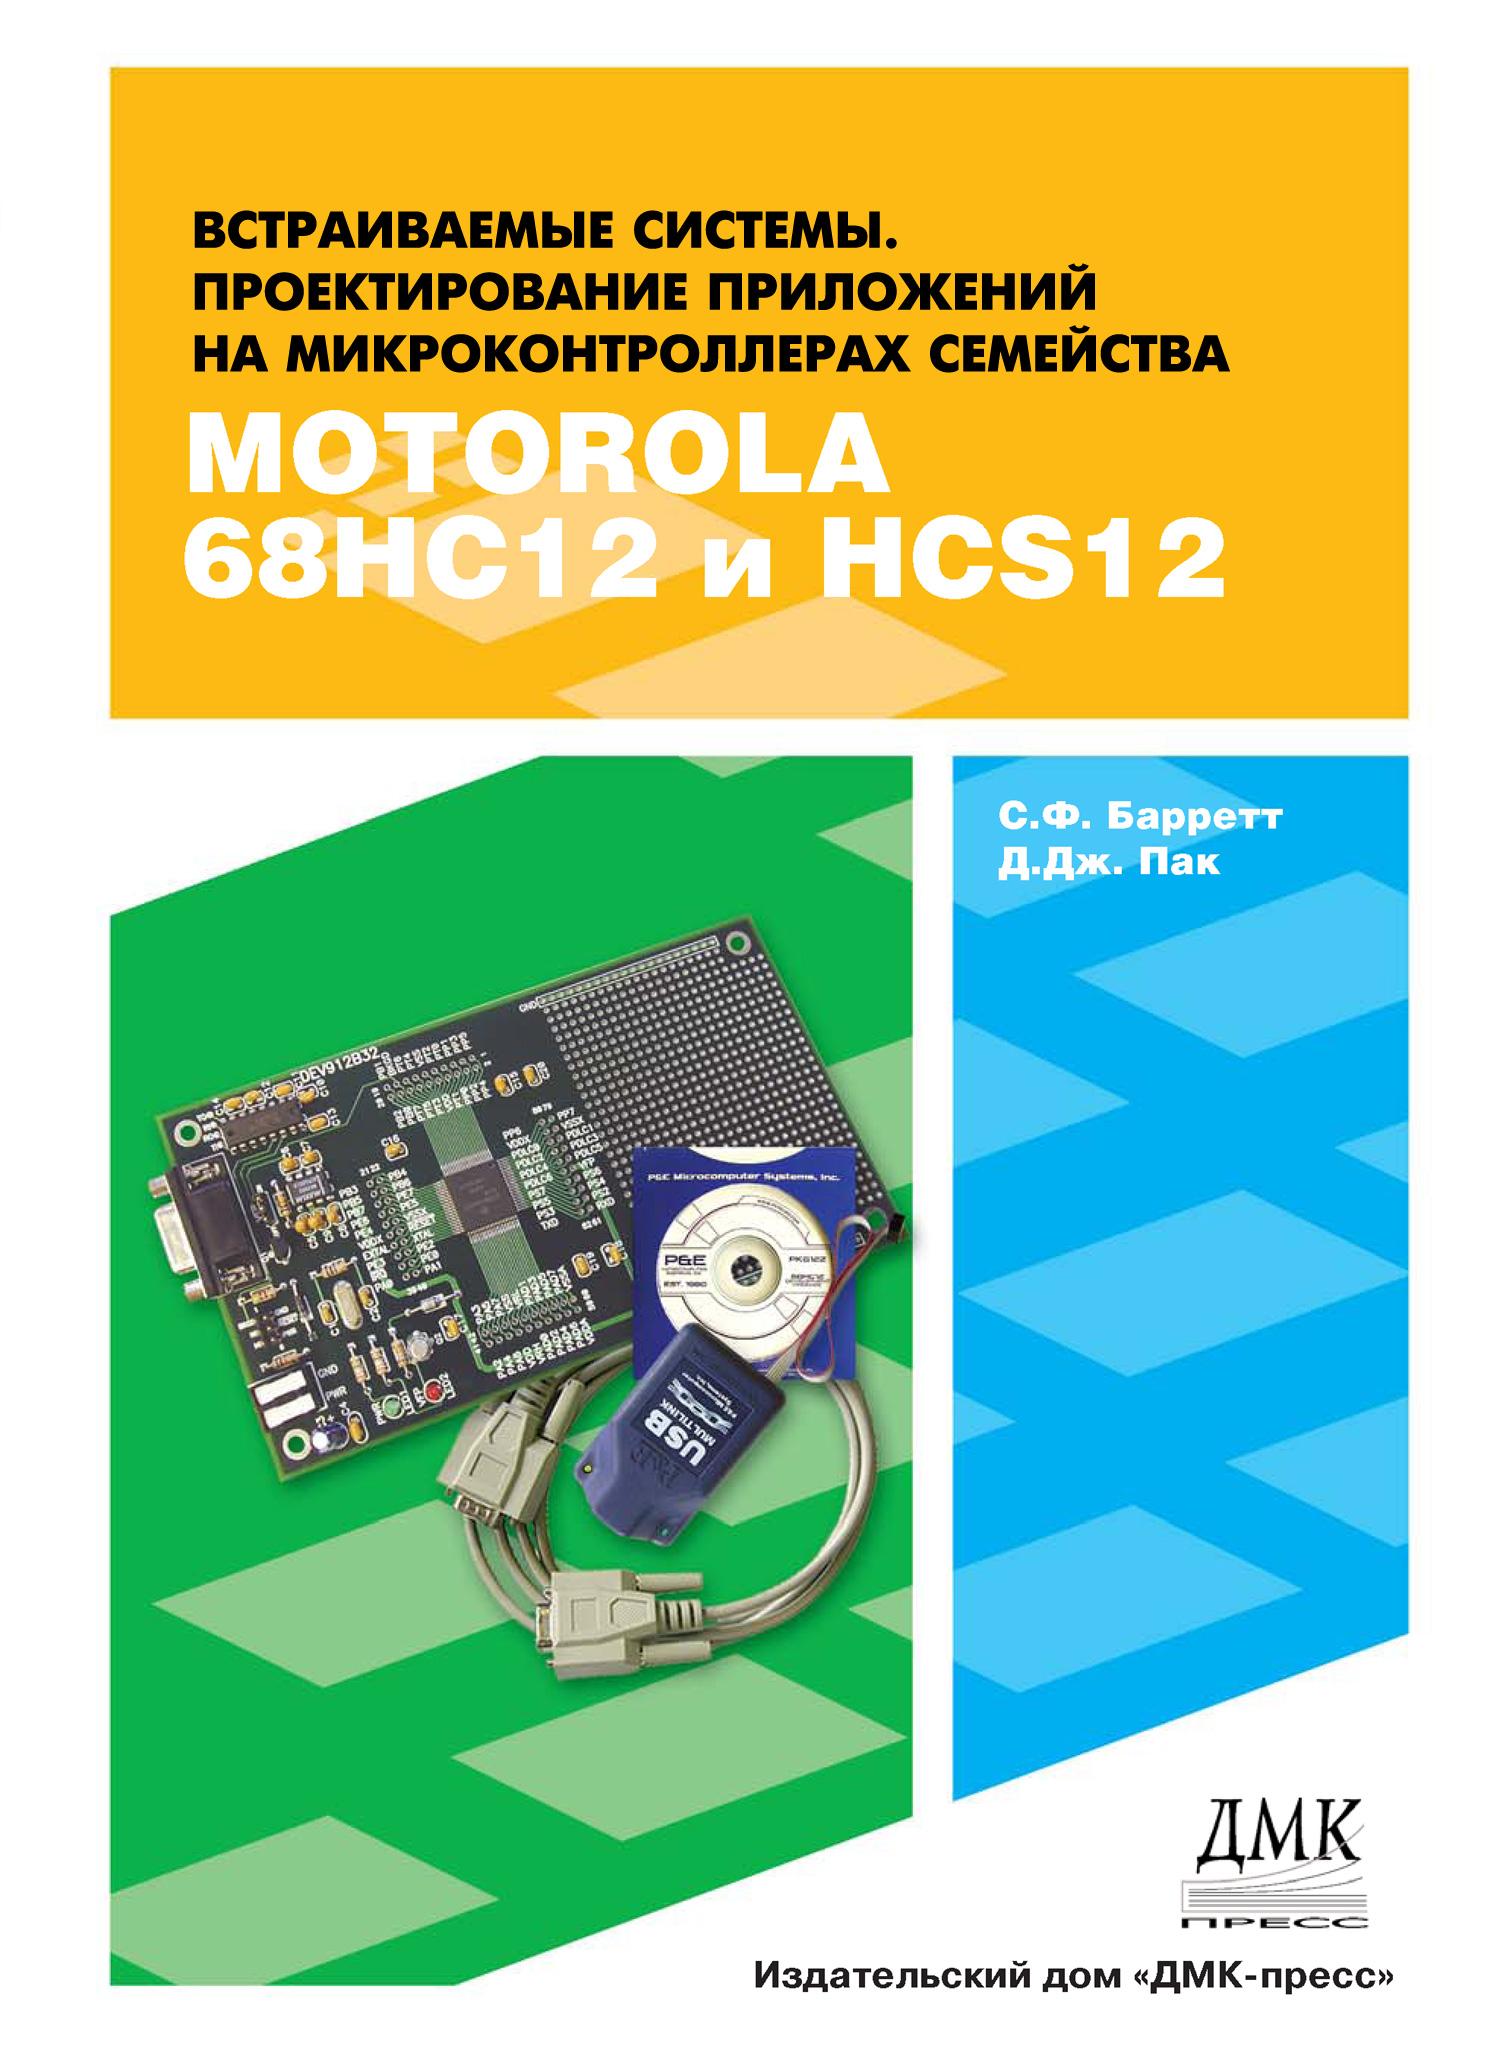 Стивен Ф. Баррет Встраиваемые системы. Проектирование приложений на микроконтроллерах семейства 68НС12 / НСS12 с применением языка С